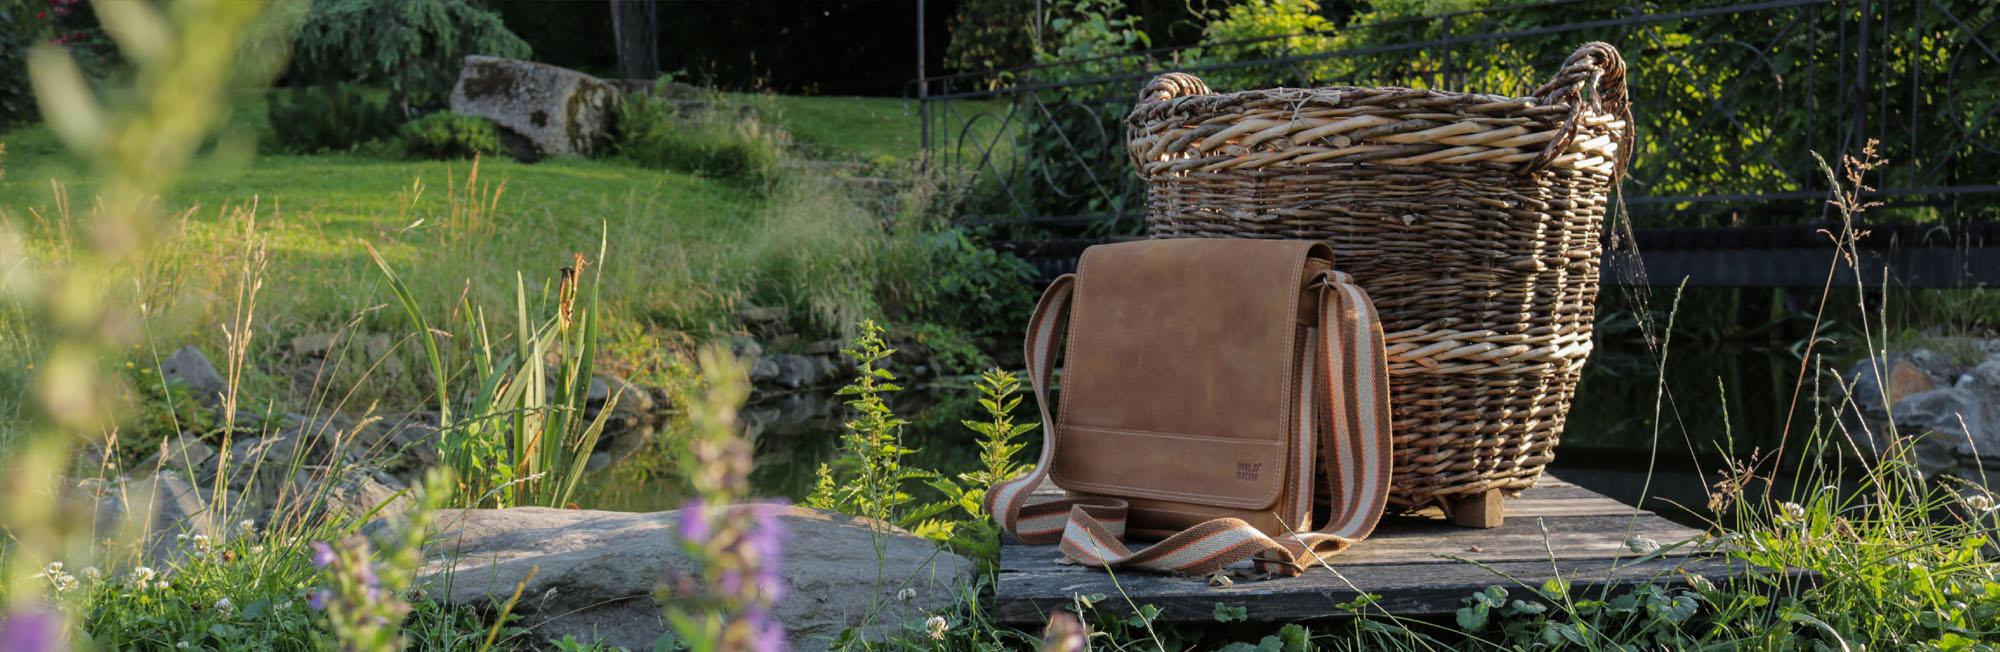 Pánské kožené tašky WILDSKIN